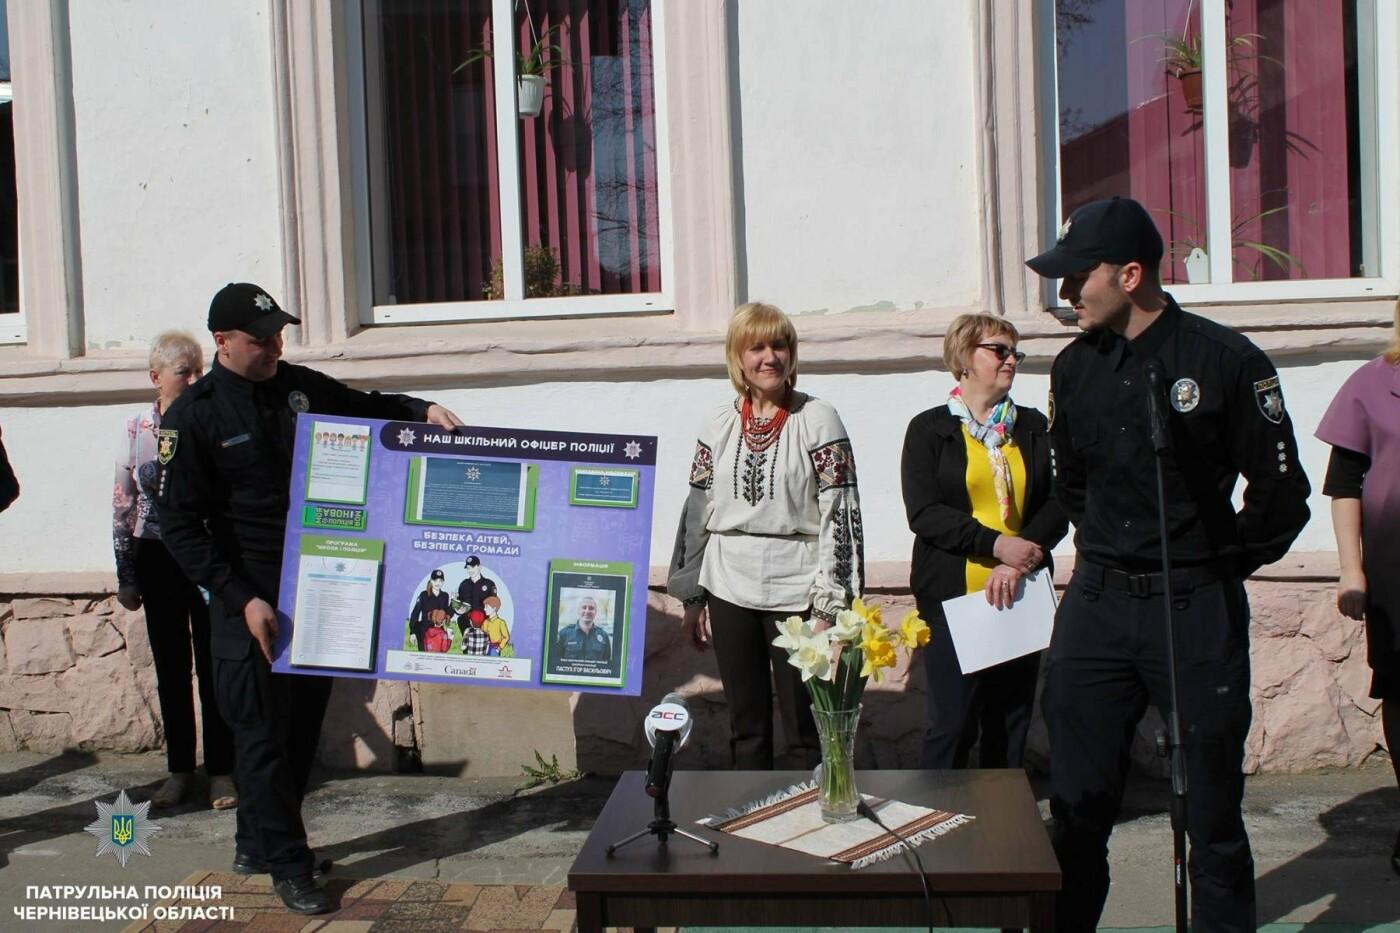 Шкільні офіцери поліції відтепер працюватимуть і у Чернівцях, фото-3